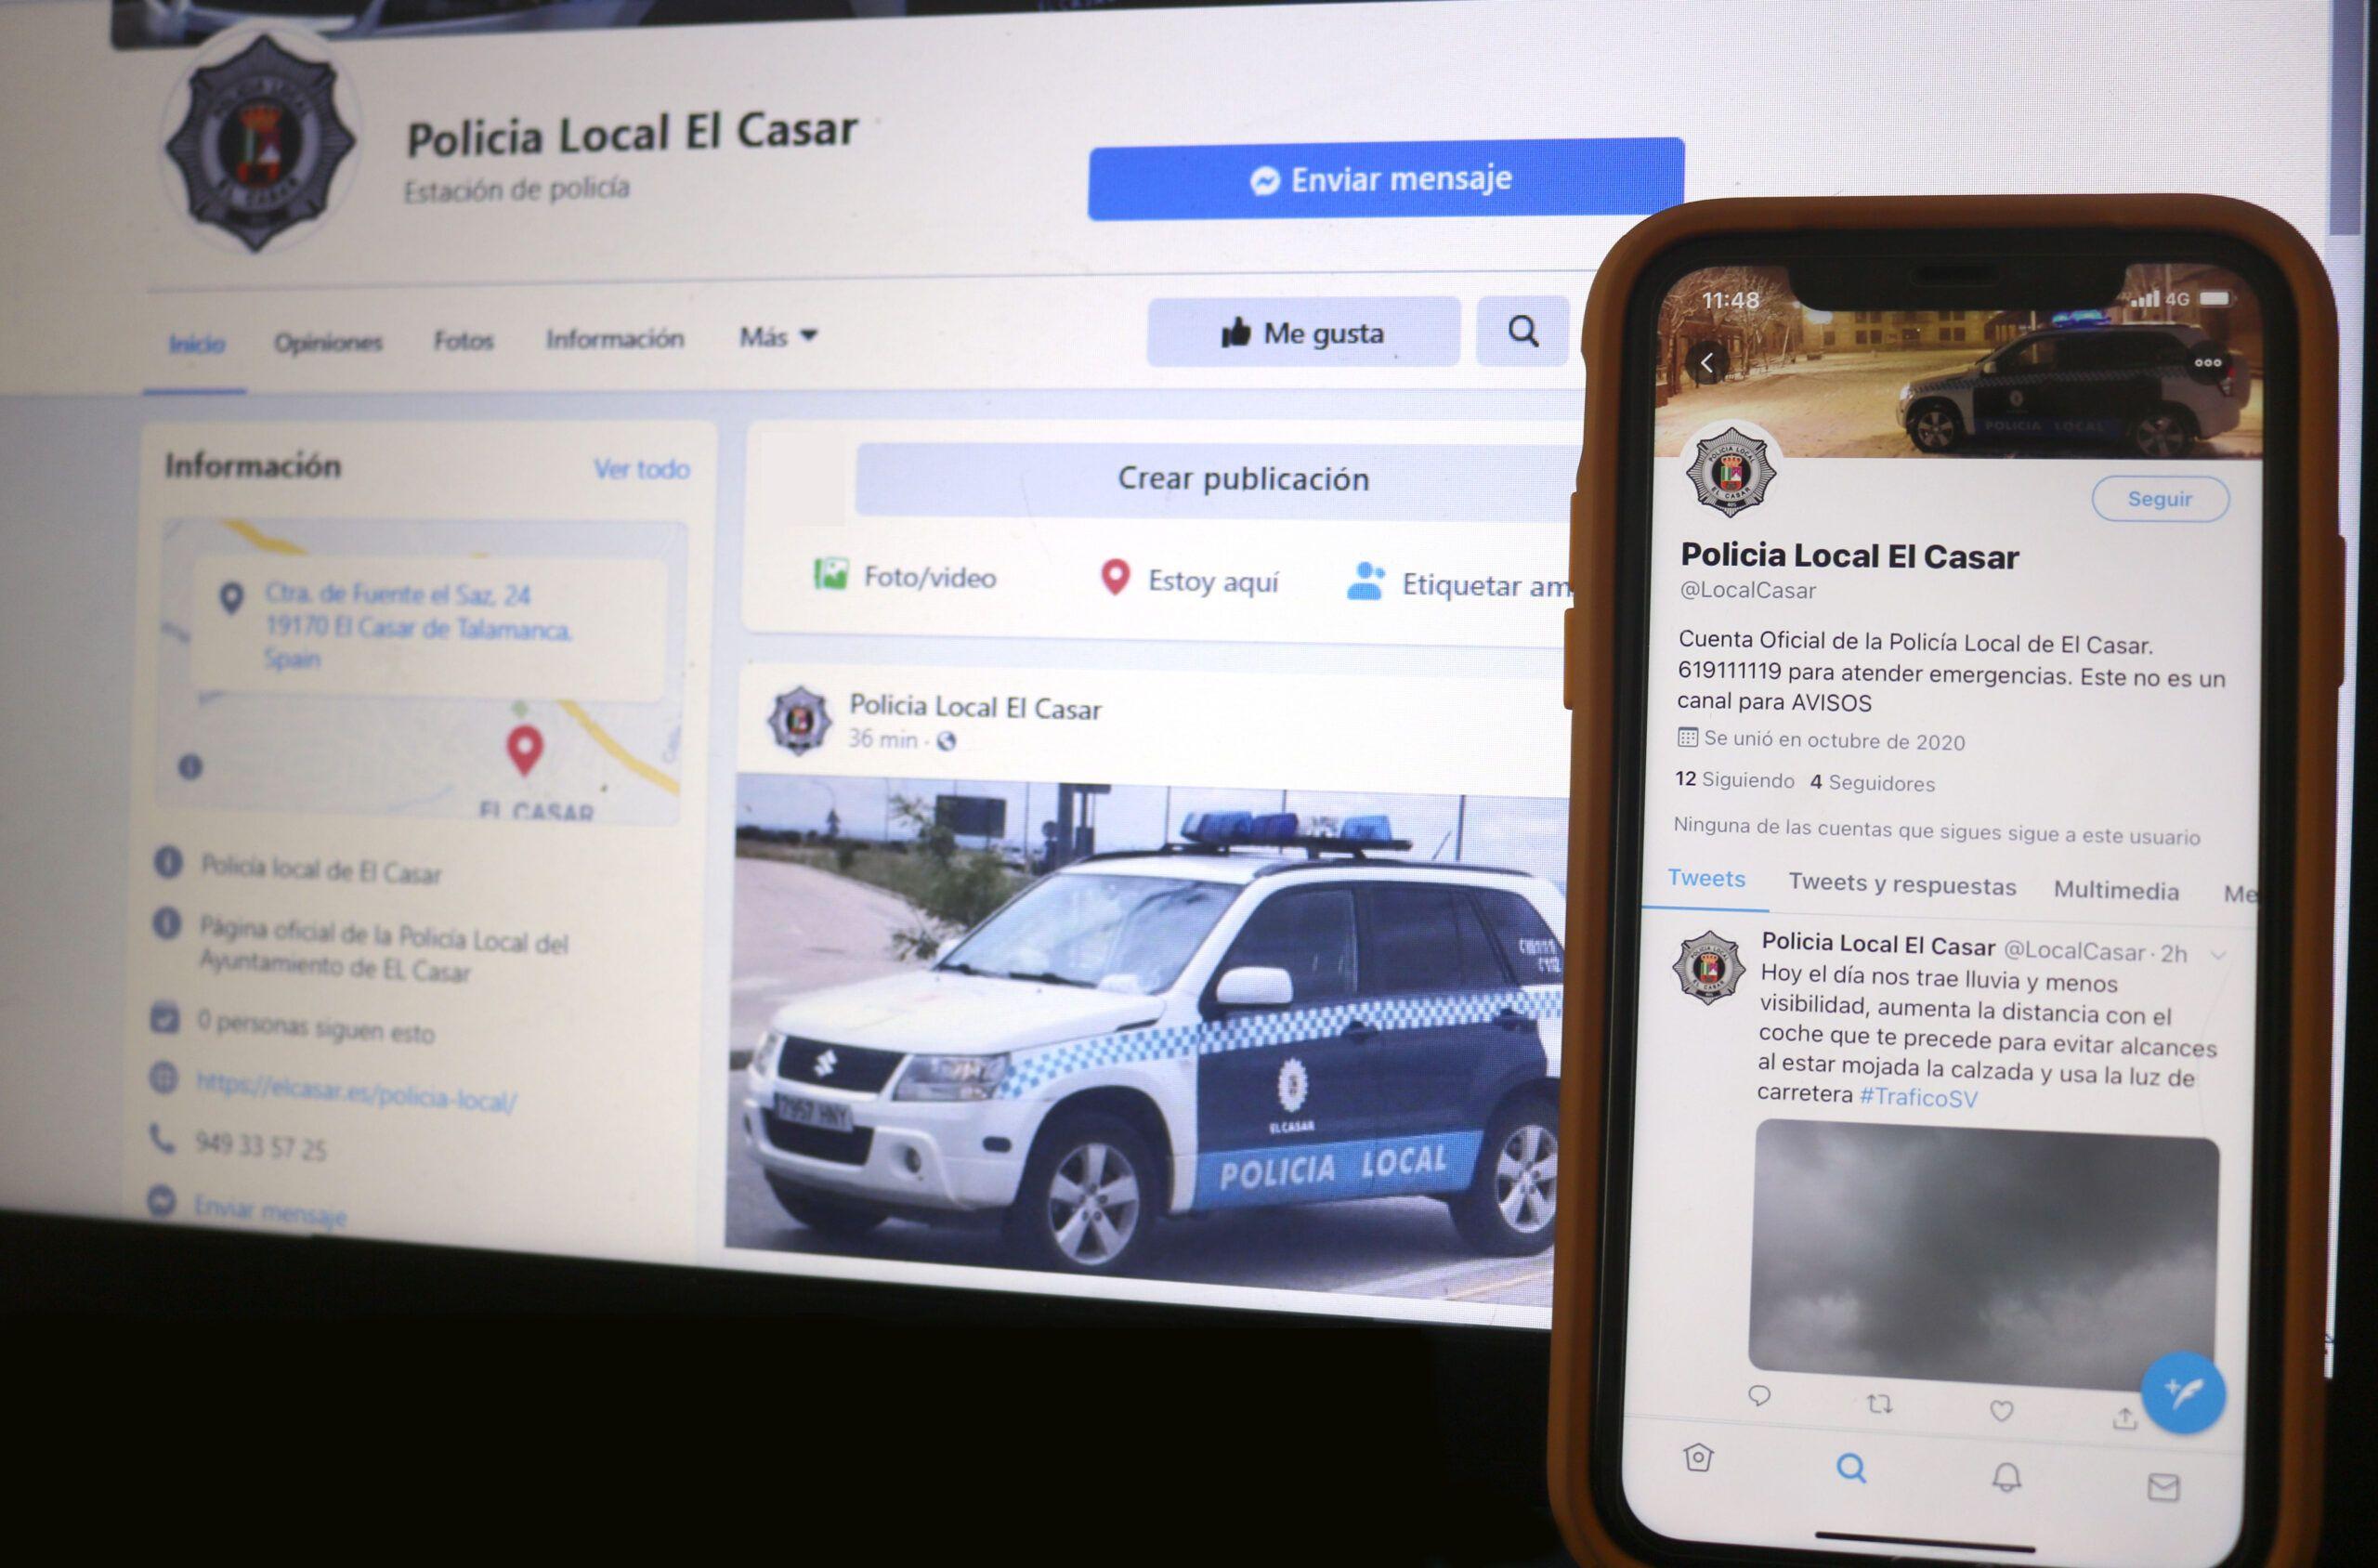 La Policía Local de El Casar abre un perfil en Twitter y Facebook para mantener informados a los vecinos de la localidad